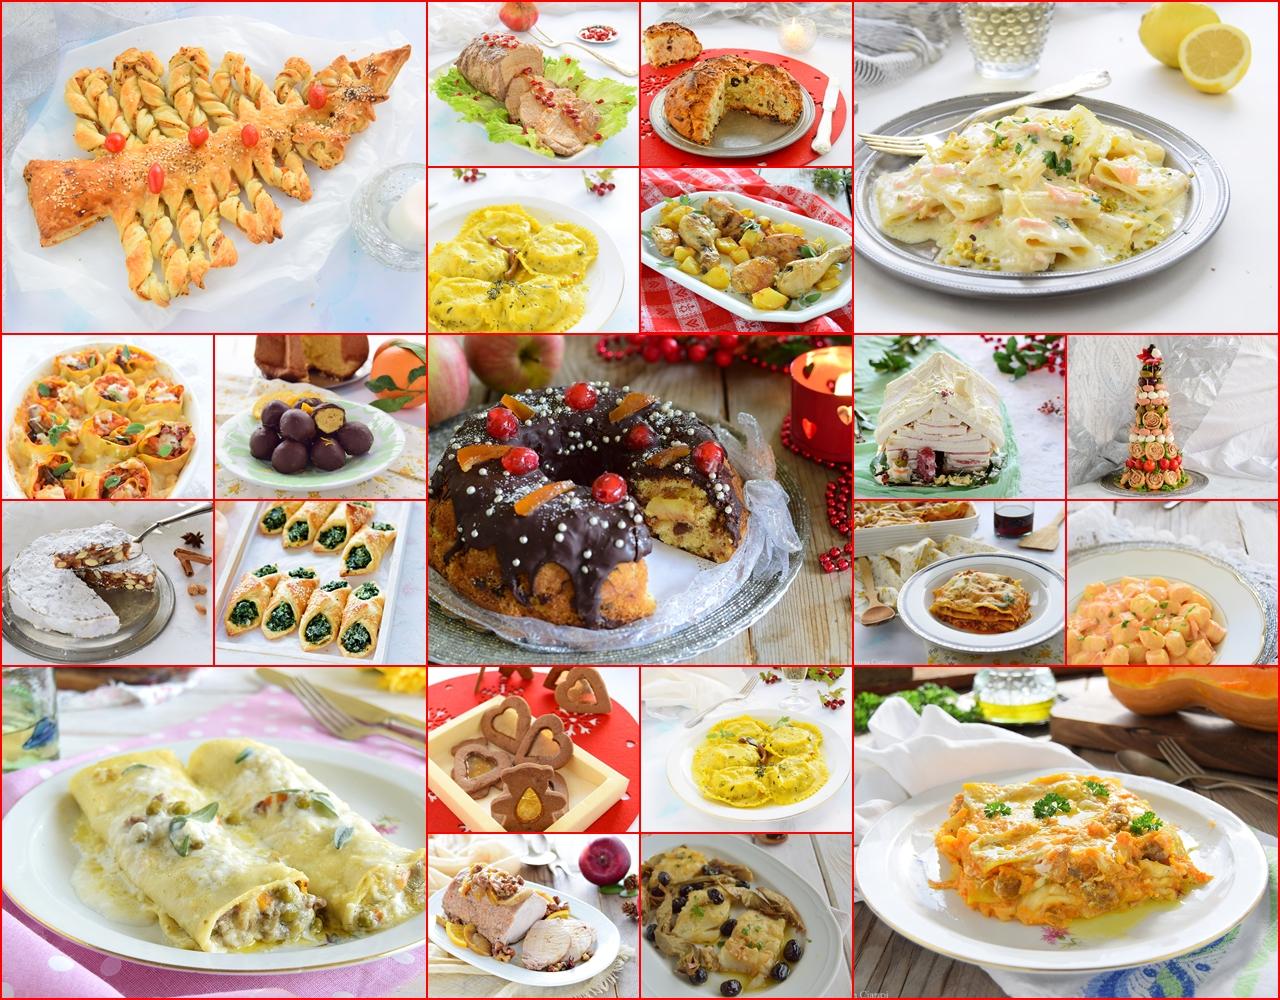 Antipasti Di Natale In Toscana.Menu Di Natale Dall Antipasto Al Dolce Lapasticceramatta